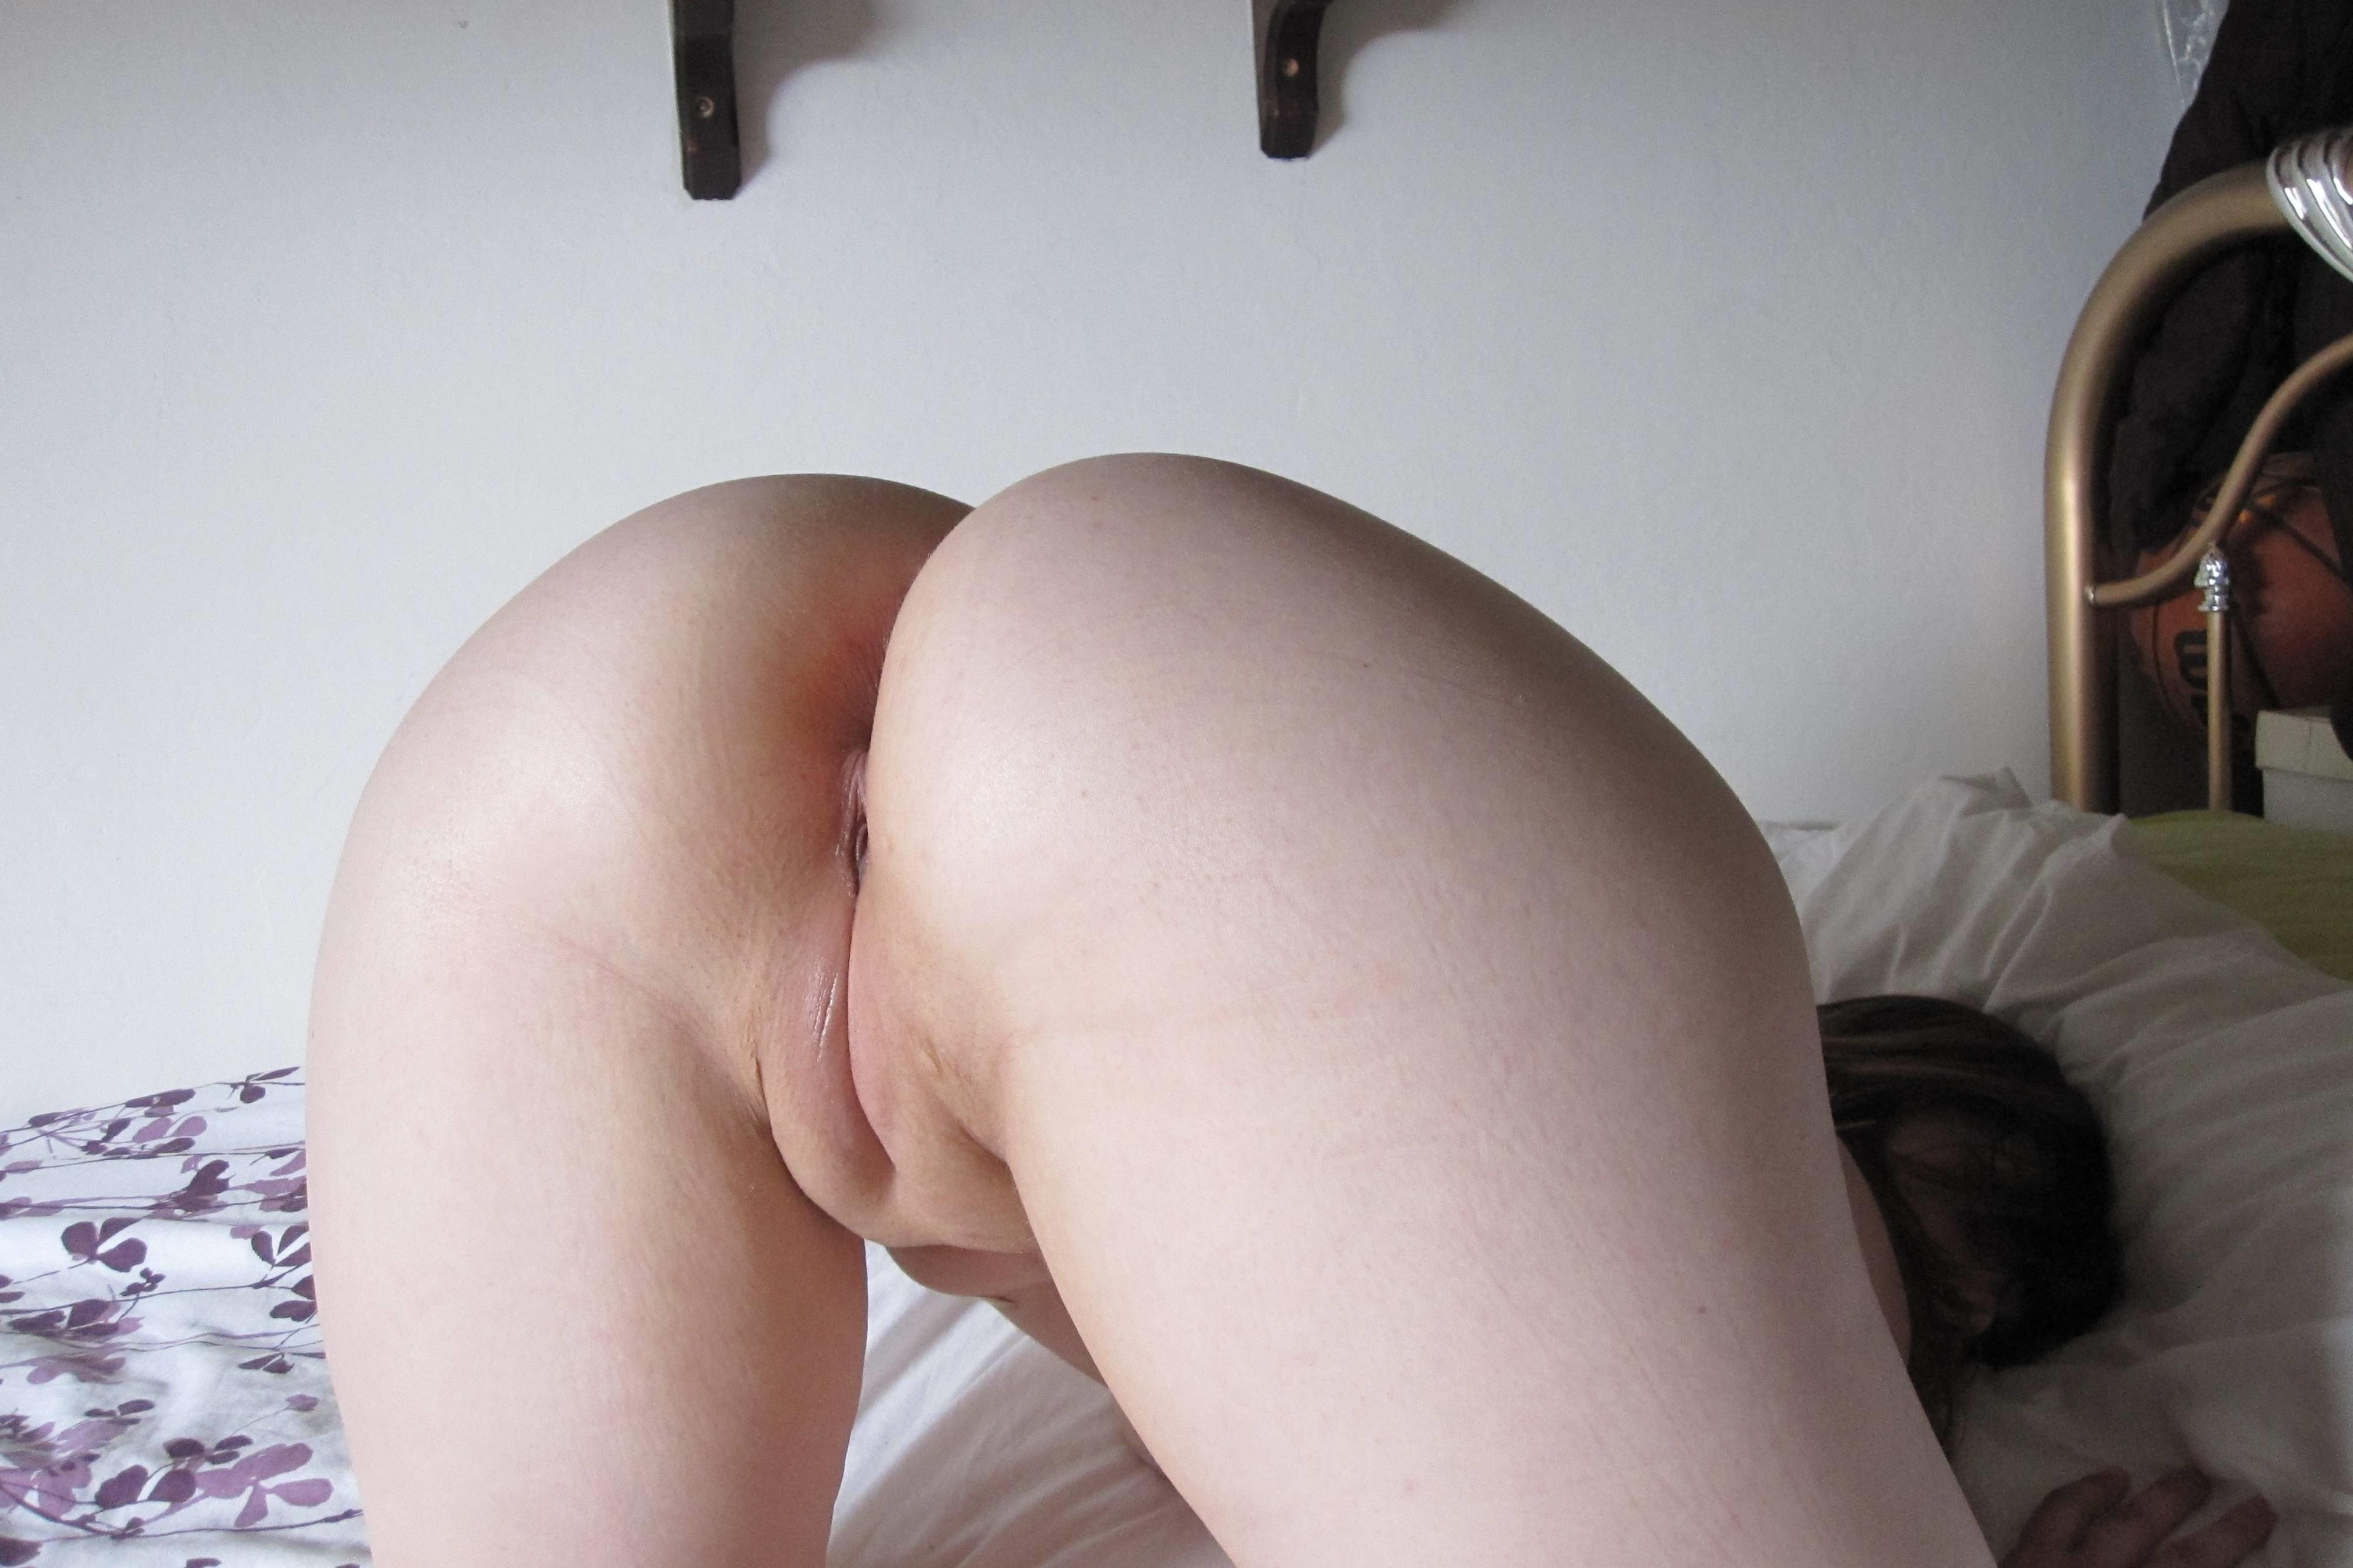 Фото Аппетитная попка, девка раком в постели, нежная выбритая щелка, хребты, булки, холмы, скачать картинку бесплатно